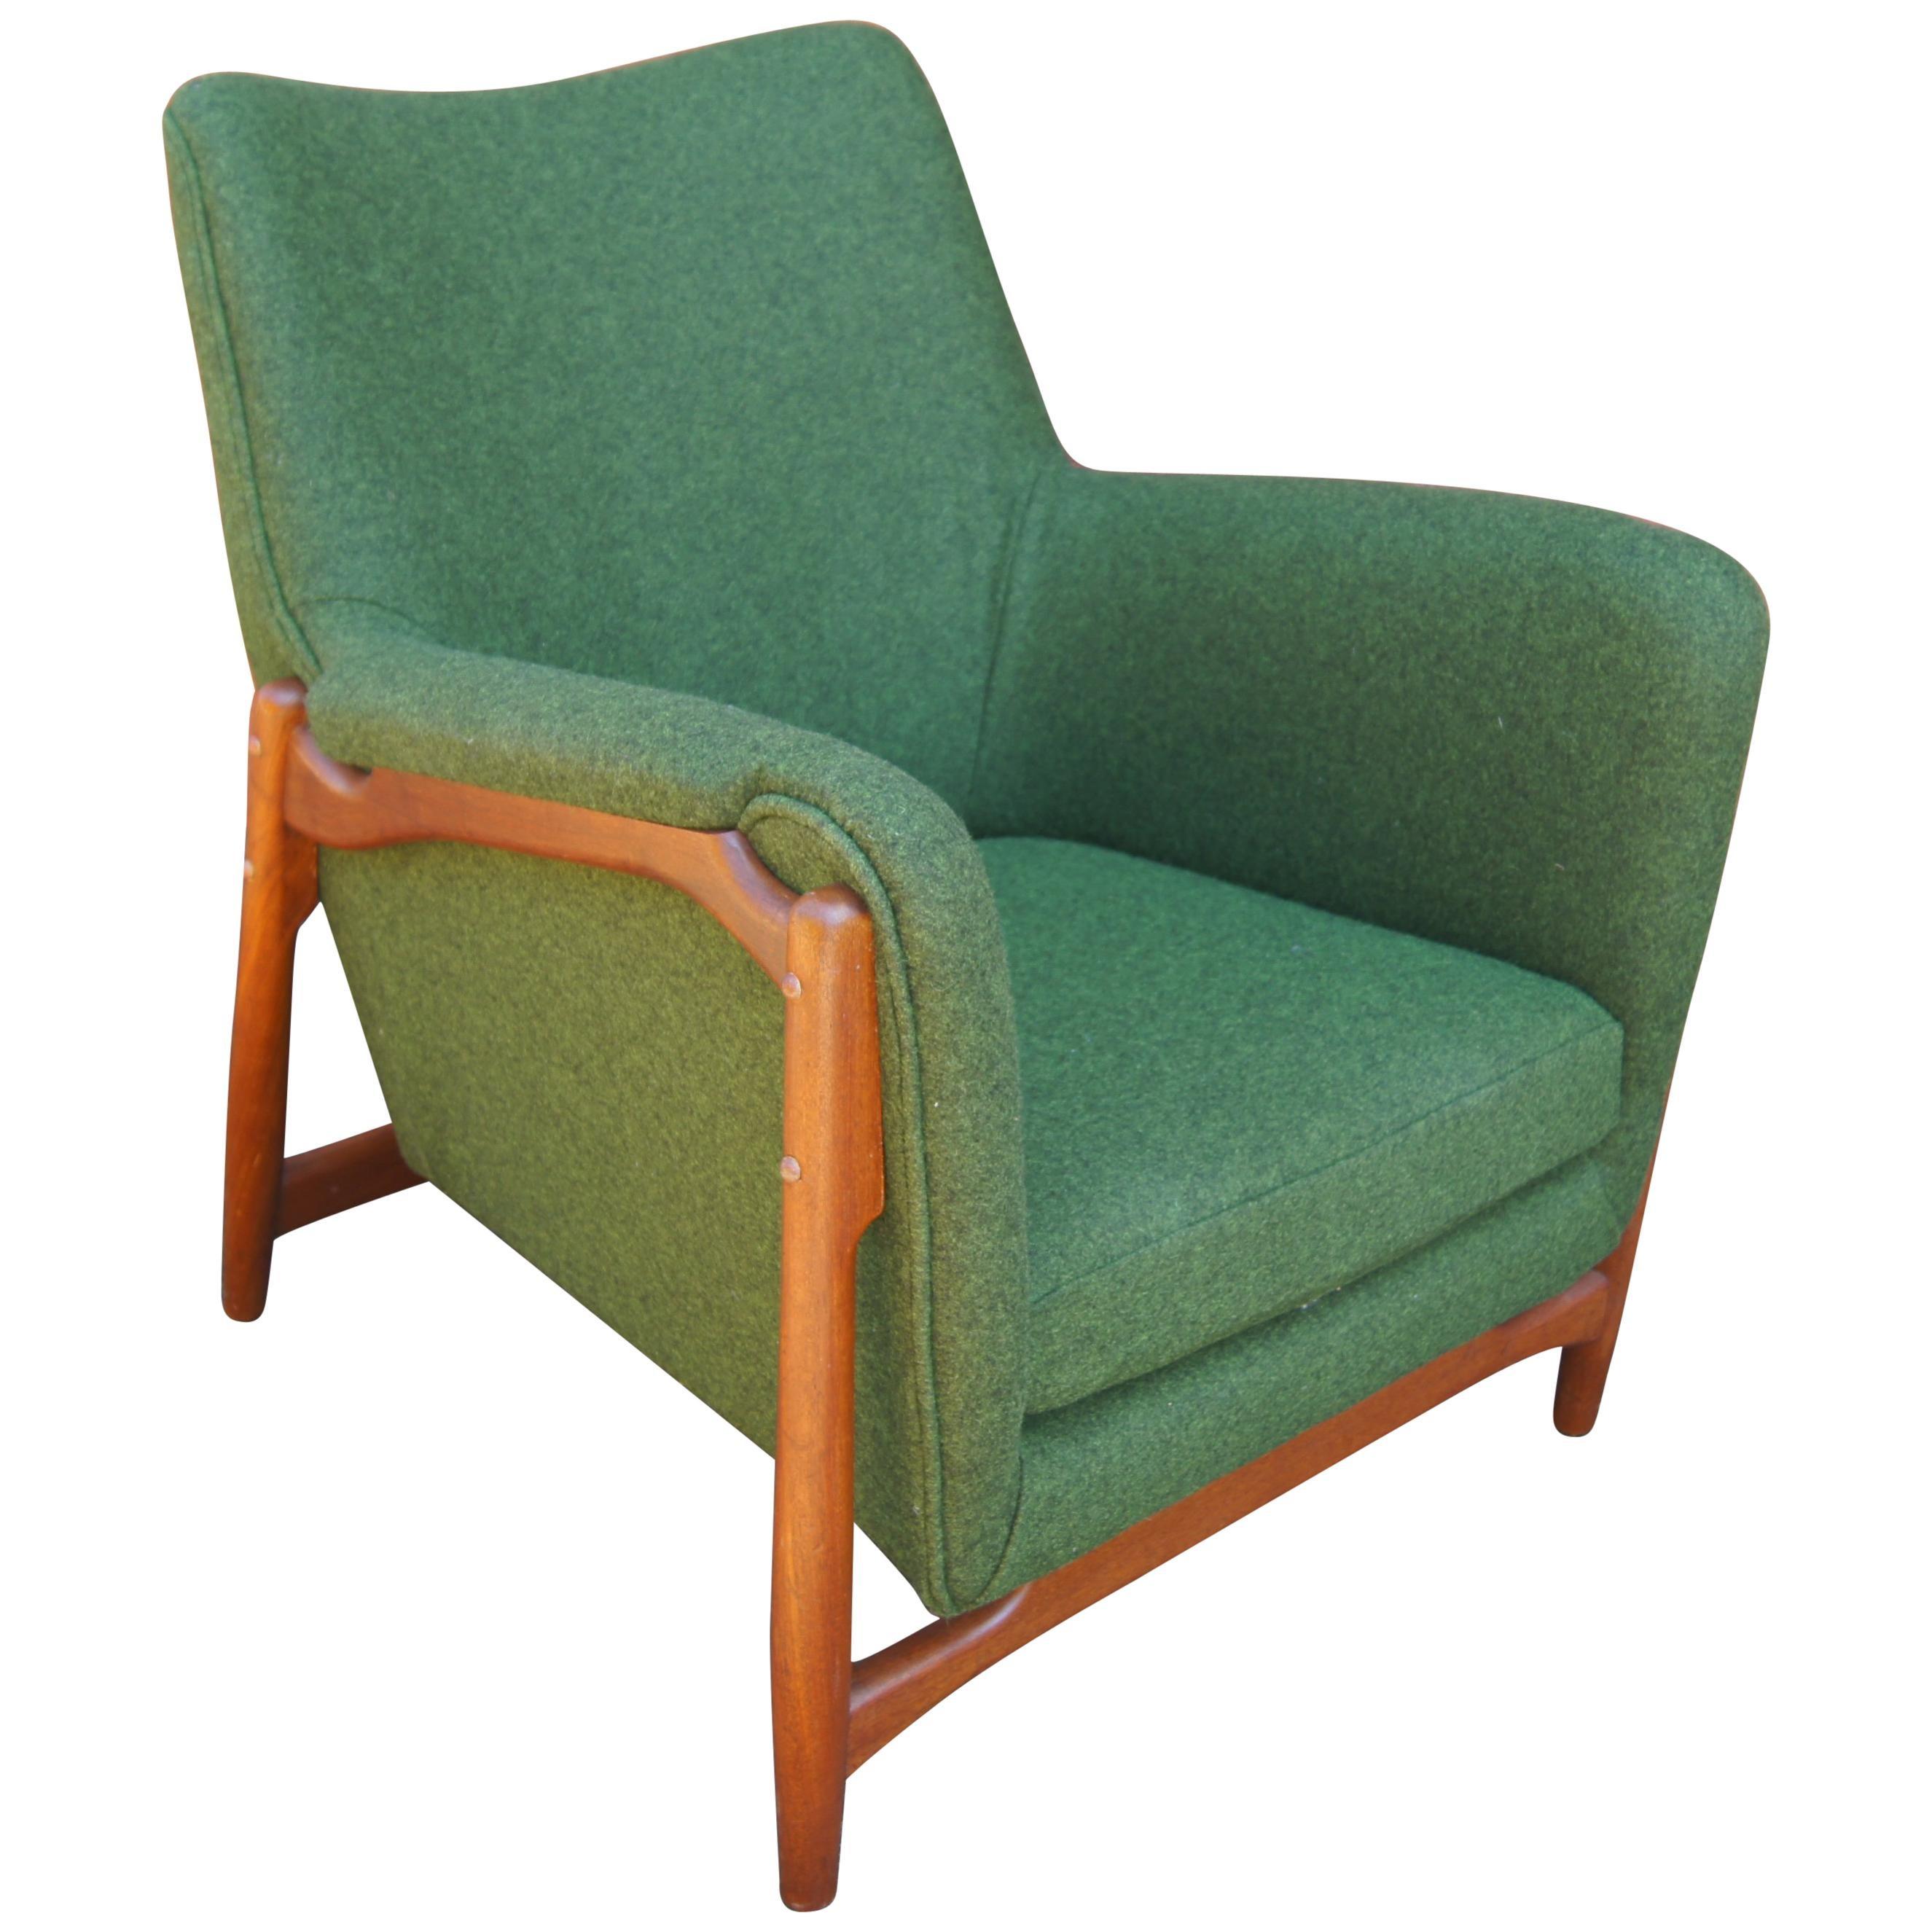 Scandinavian Modern Walnut Lounge Chair